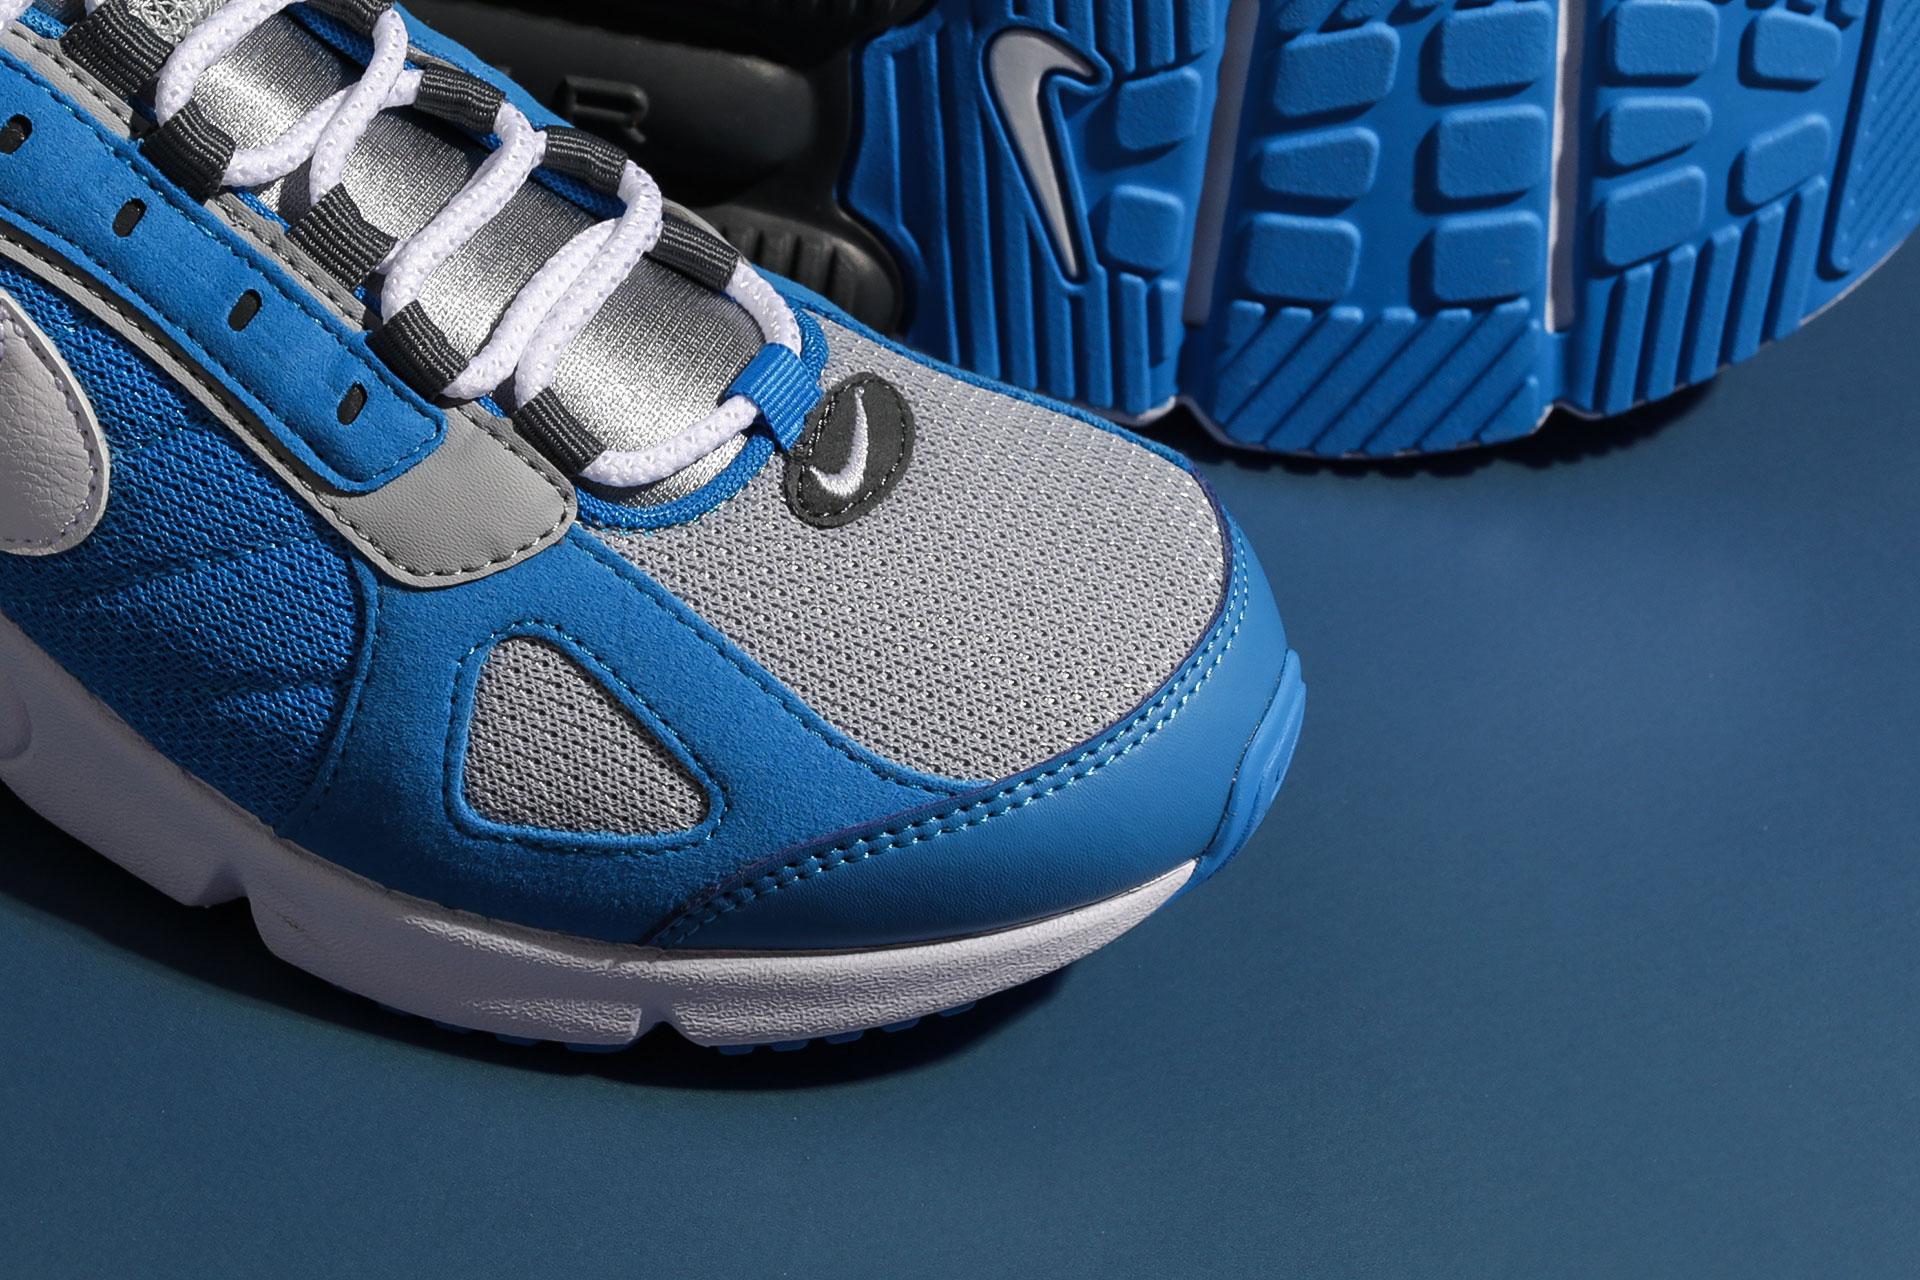 0cf3986f ... Купить мужские голубые кроссовки Nike Air Max 270 Futura - фото 5  картинки